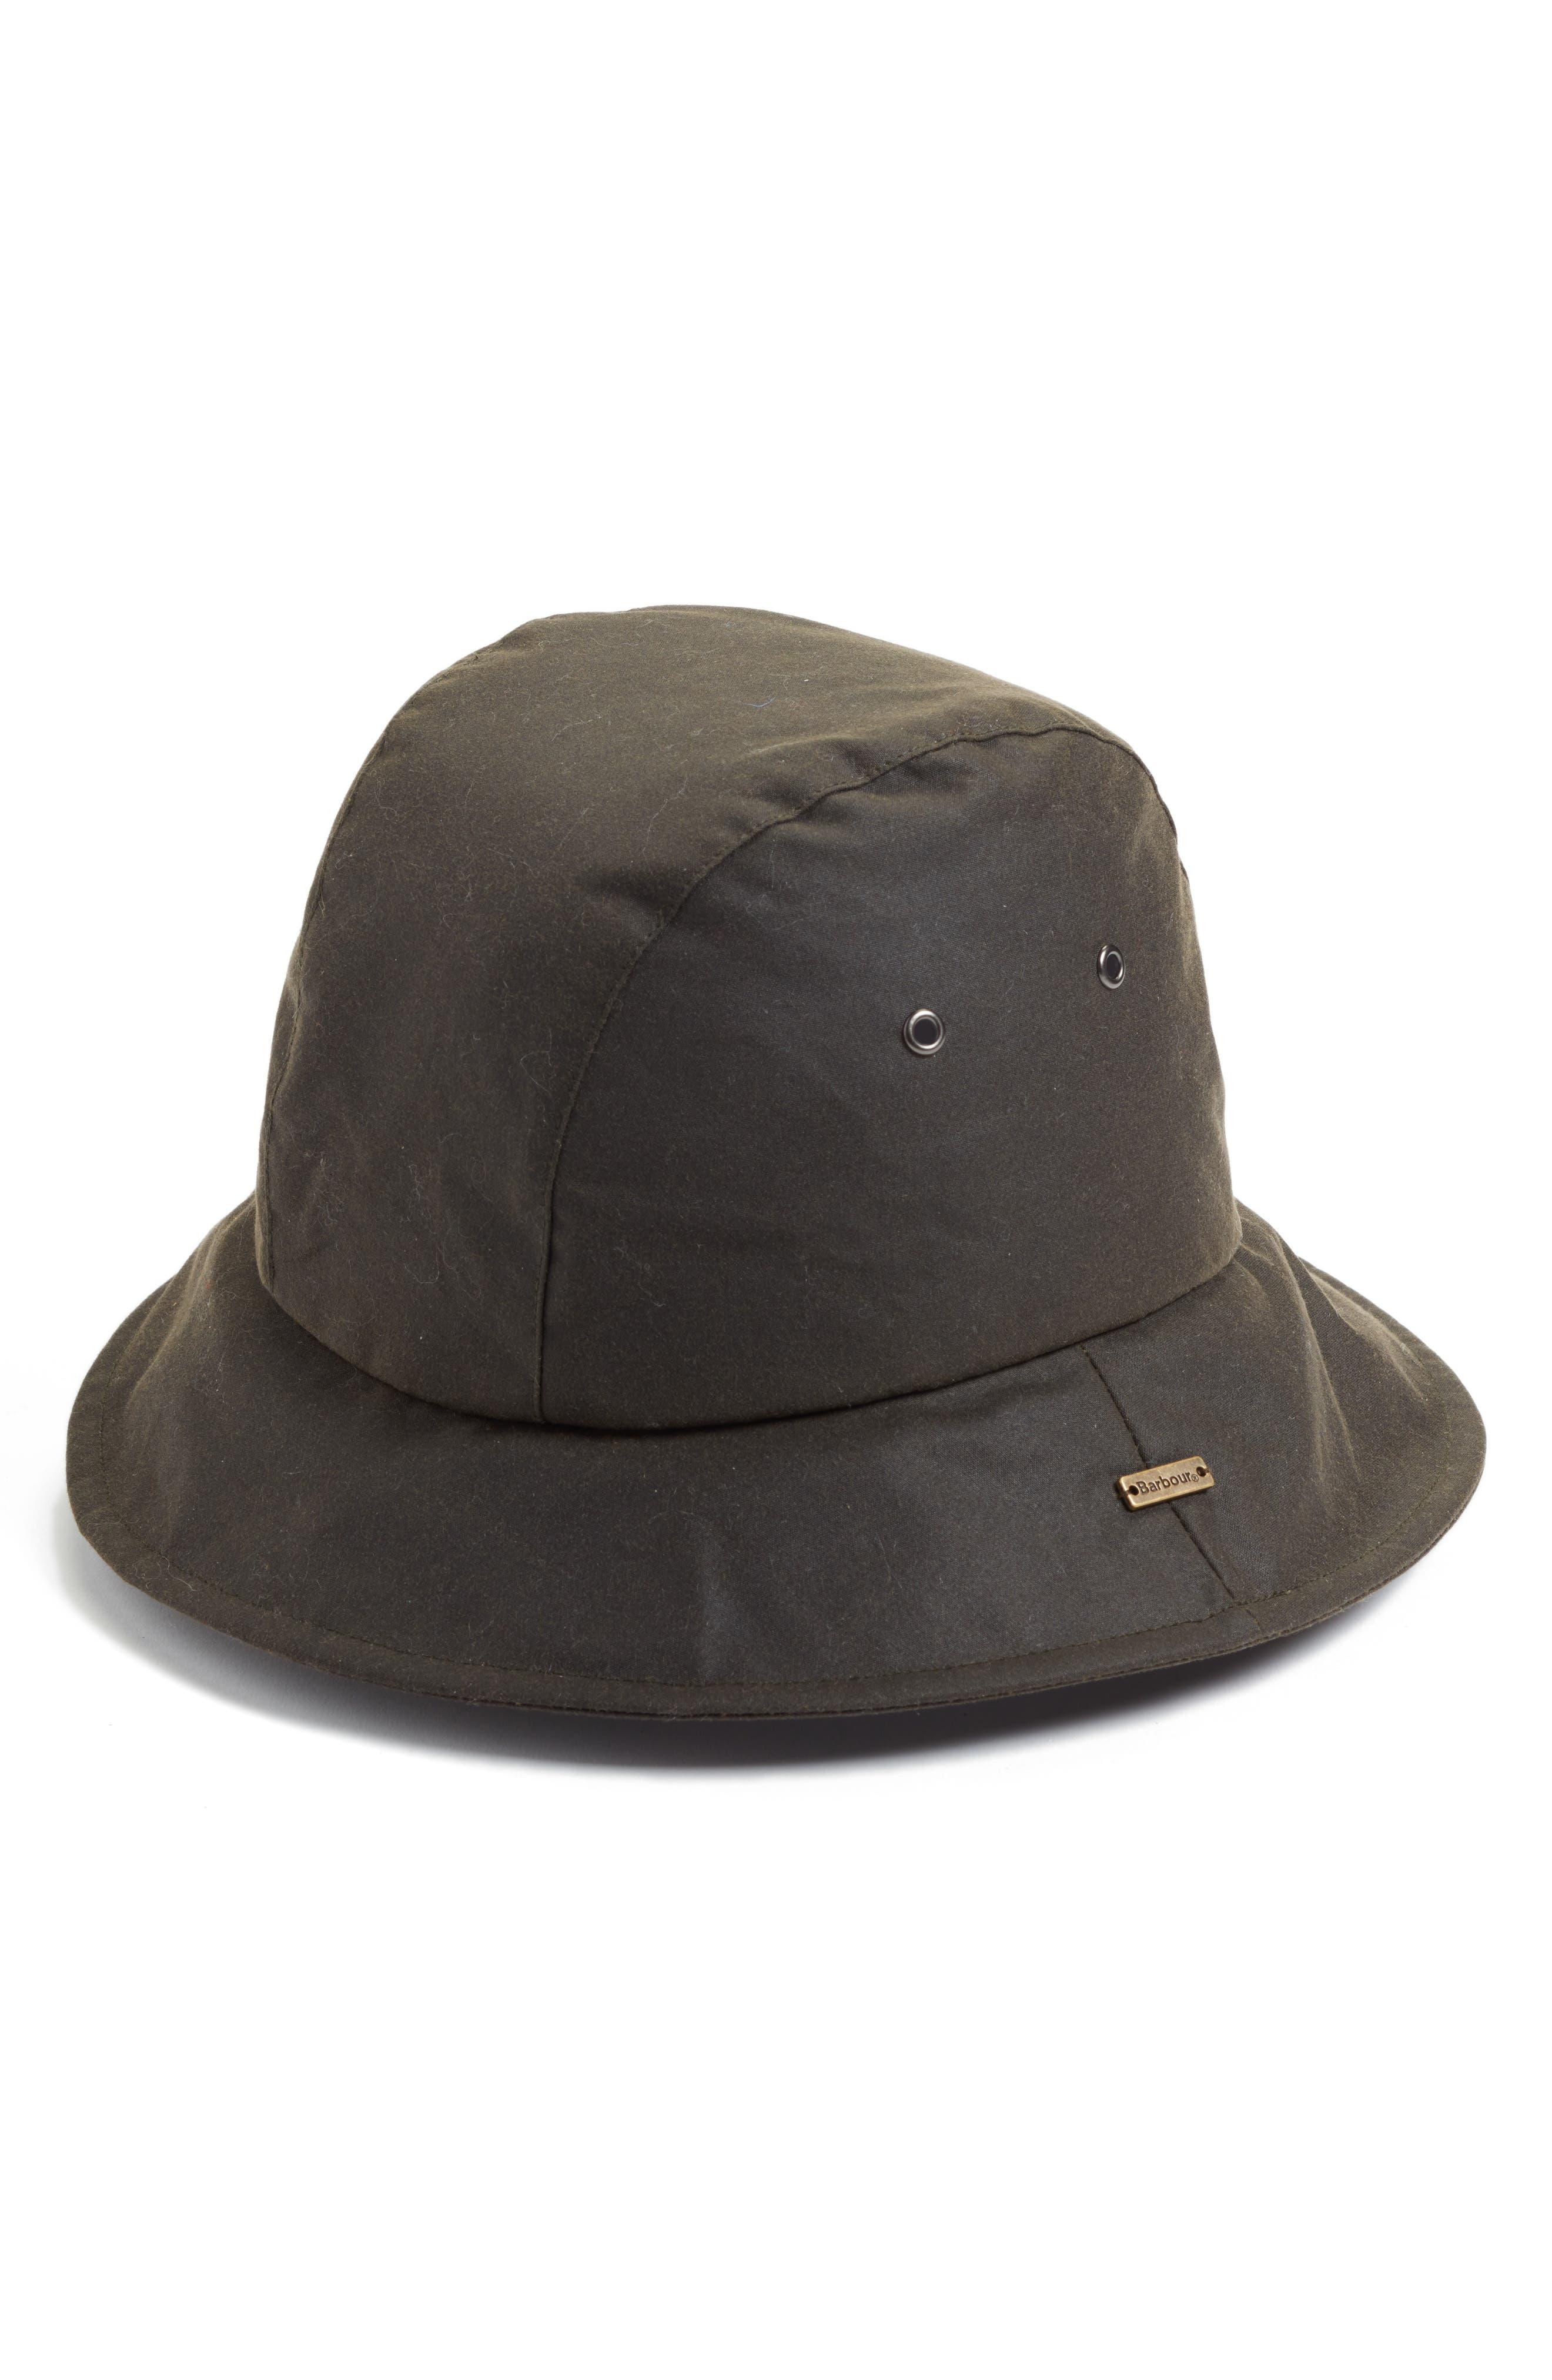 Barbou Sou Wester Bucket Hat,                         Main,                         color, Olive